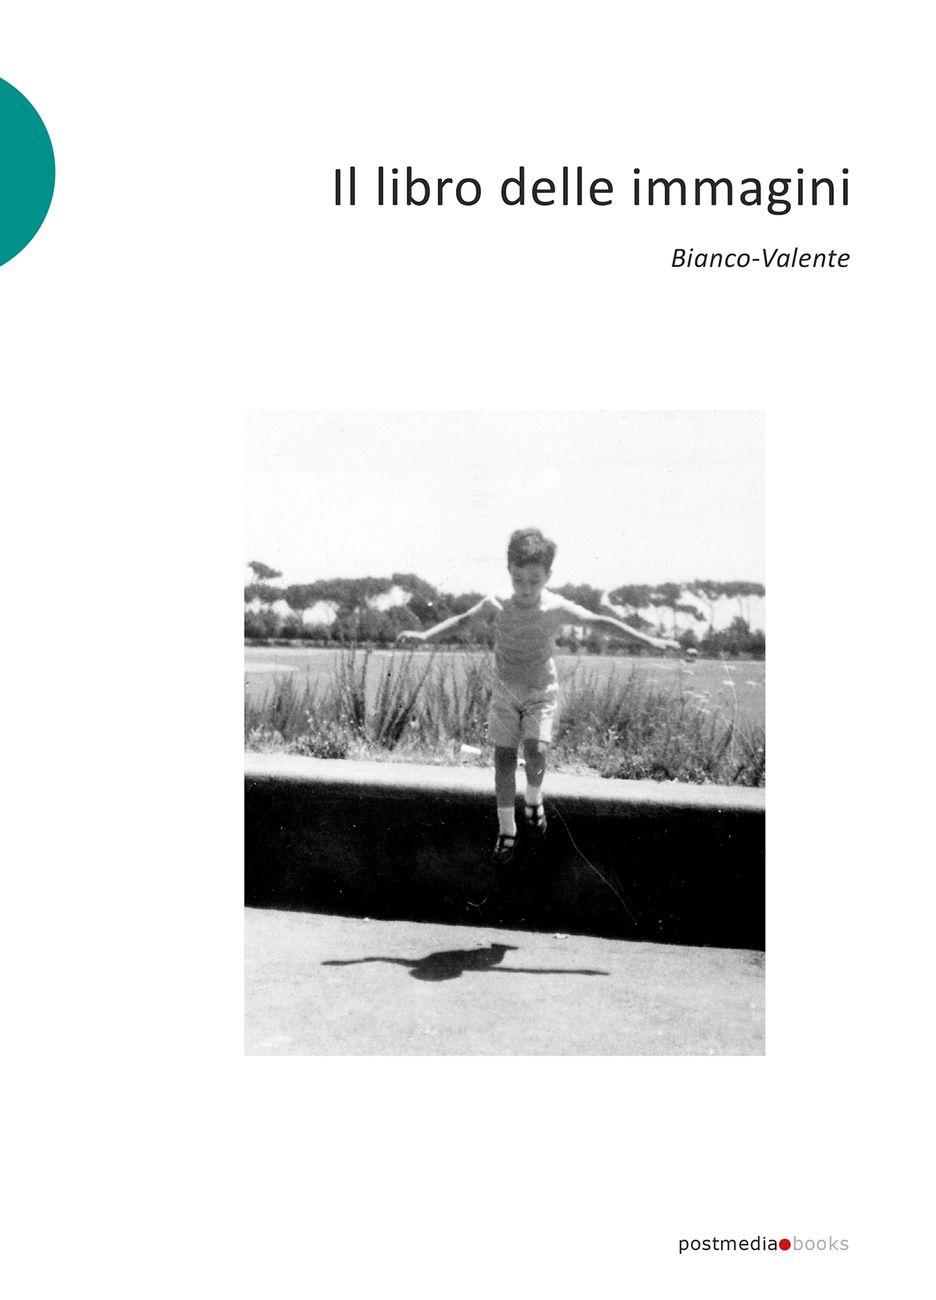 Bianco-Valente - Il libro delle immagini (Postmediabooks, Milano 2020)